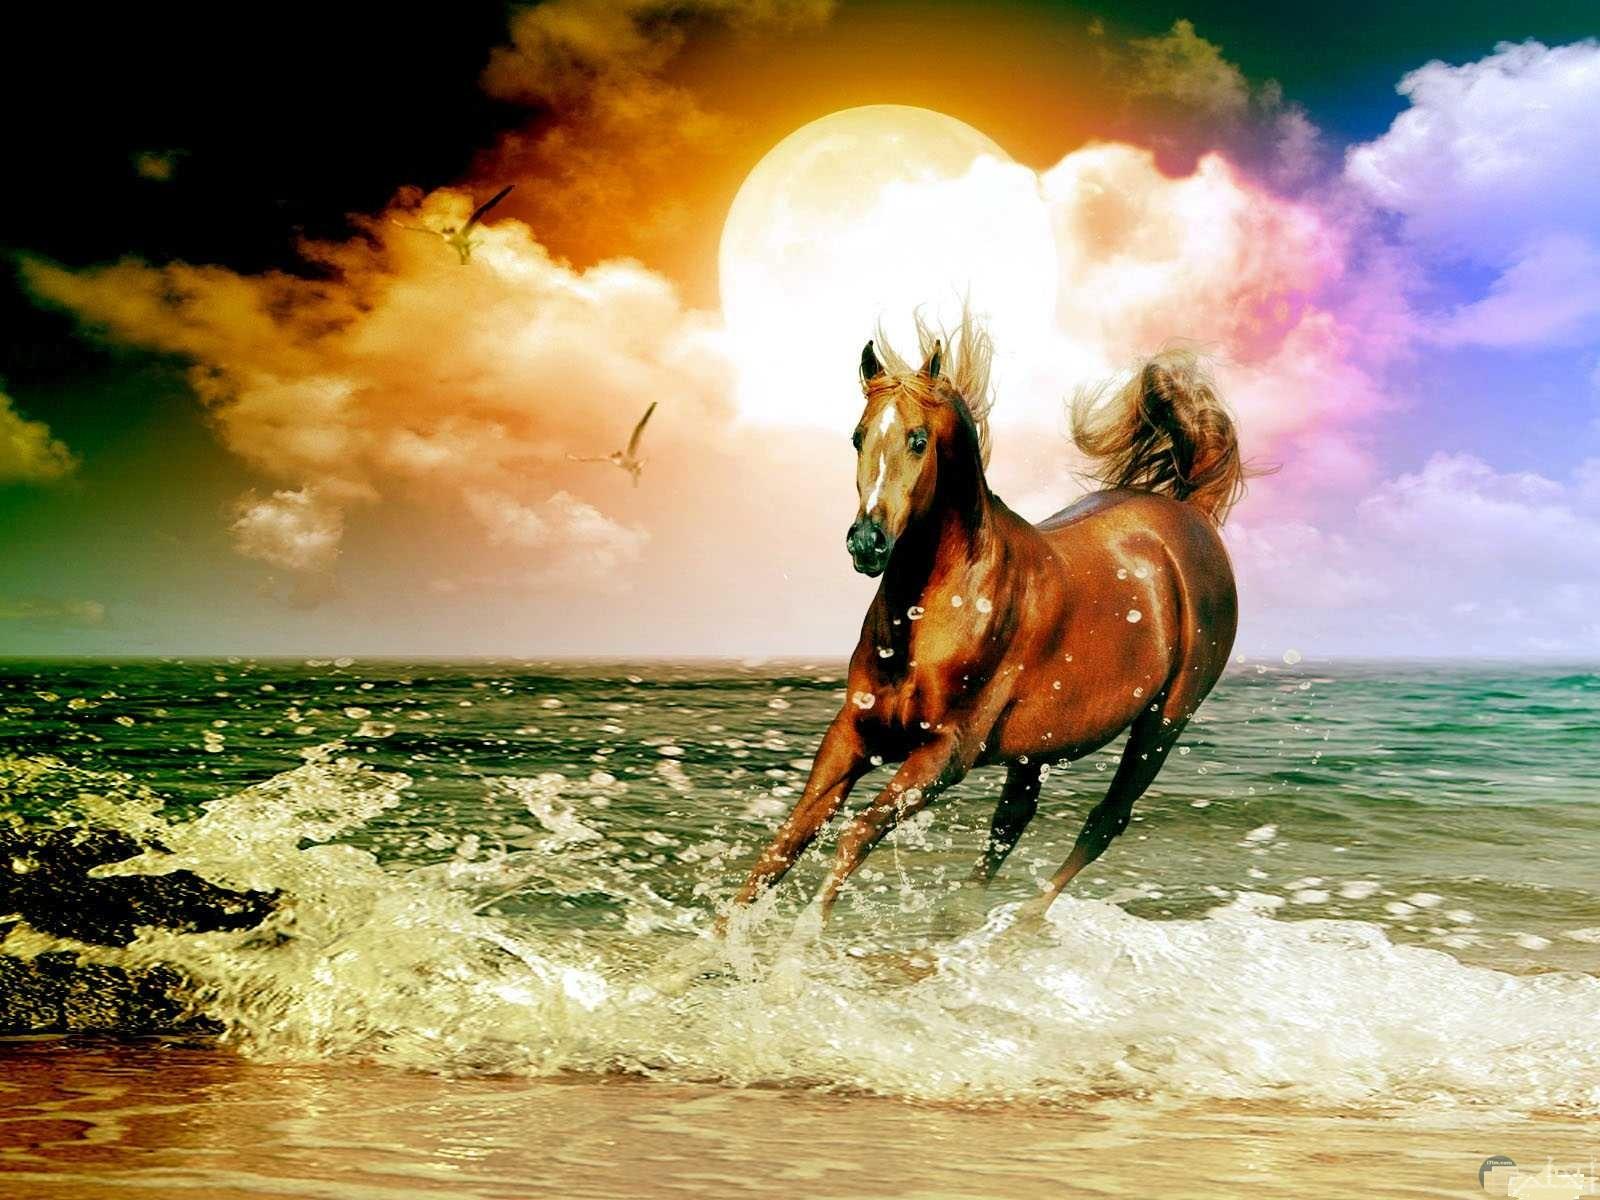 حصان يجري على رمال الشاطئ و تداعبه أمواج البحر.